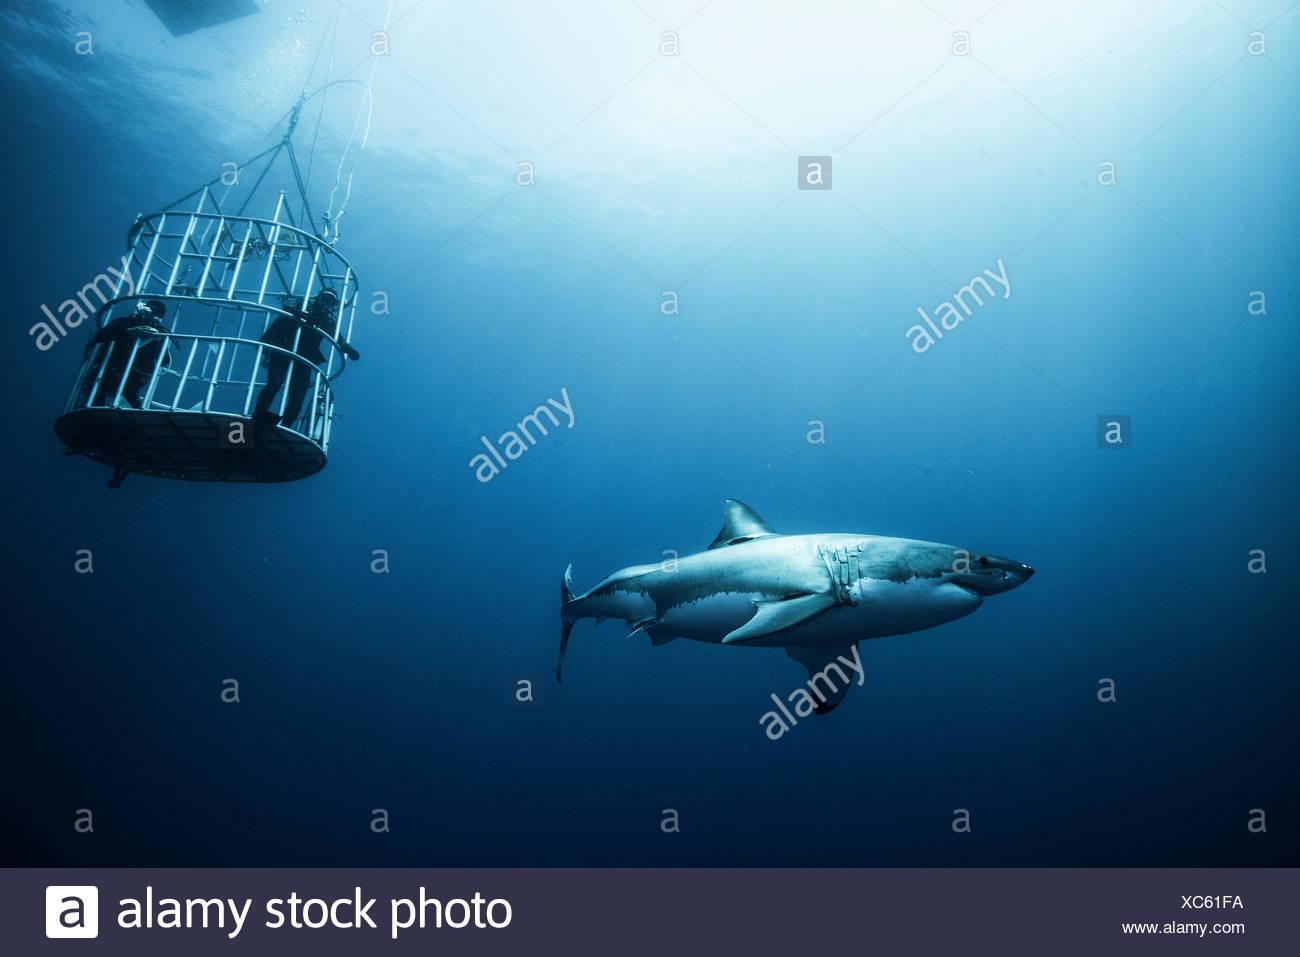 Untersuchung von großer Hai Käfig Taucher, Insel Guadalupe, Mexiko Stockbild